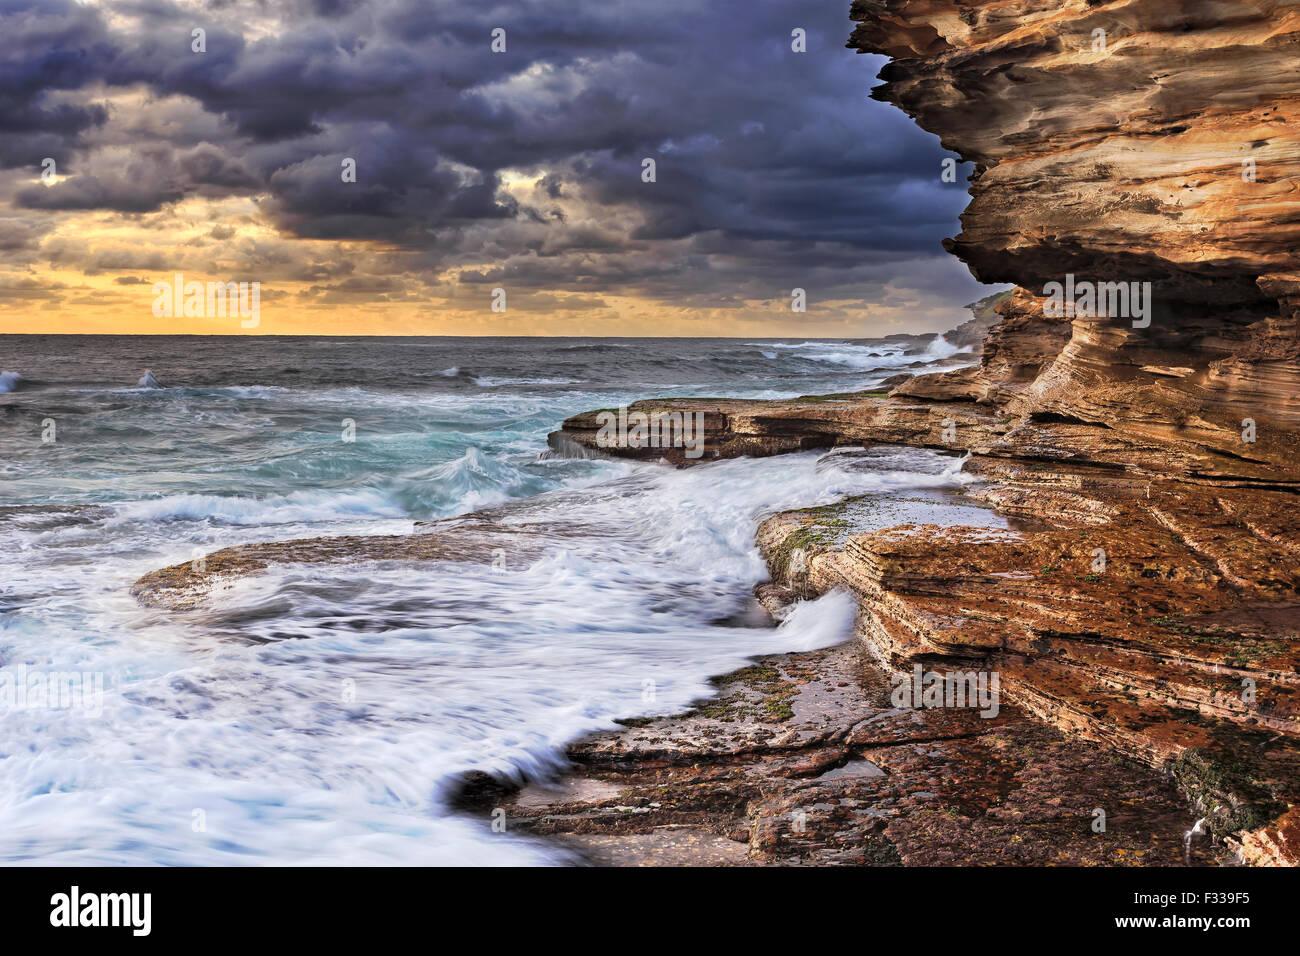 Océan Pacifique infinis saper rochers de grès des côtes australiennes près de Sydney durant Photo Stock